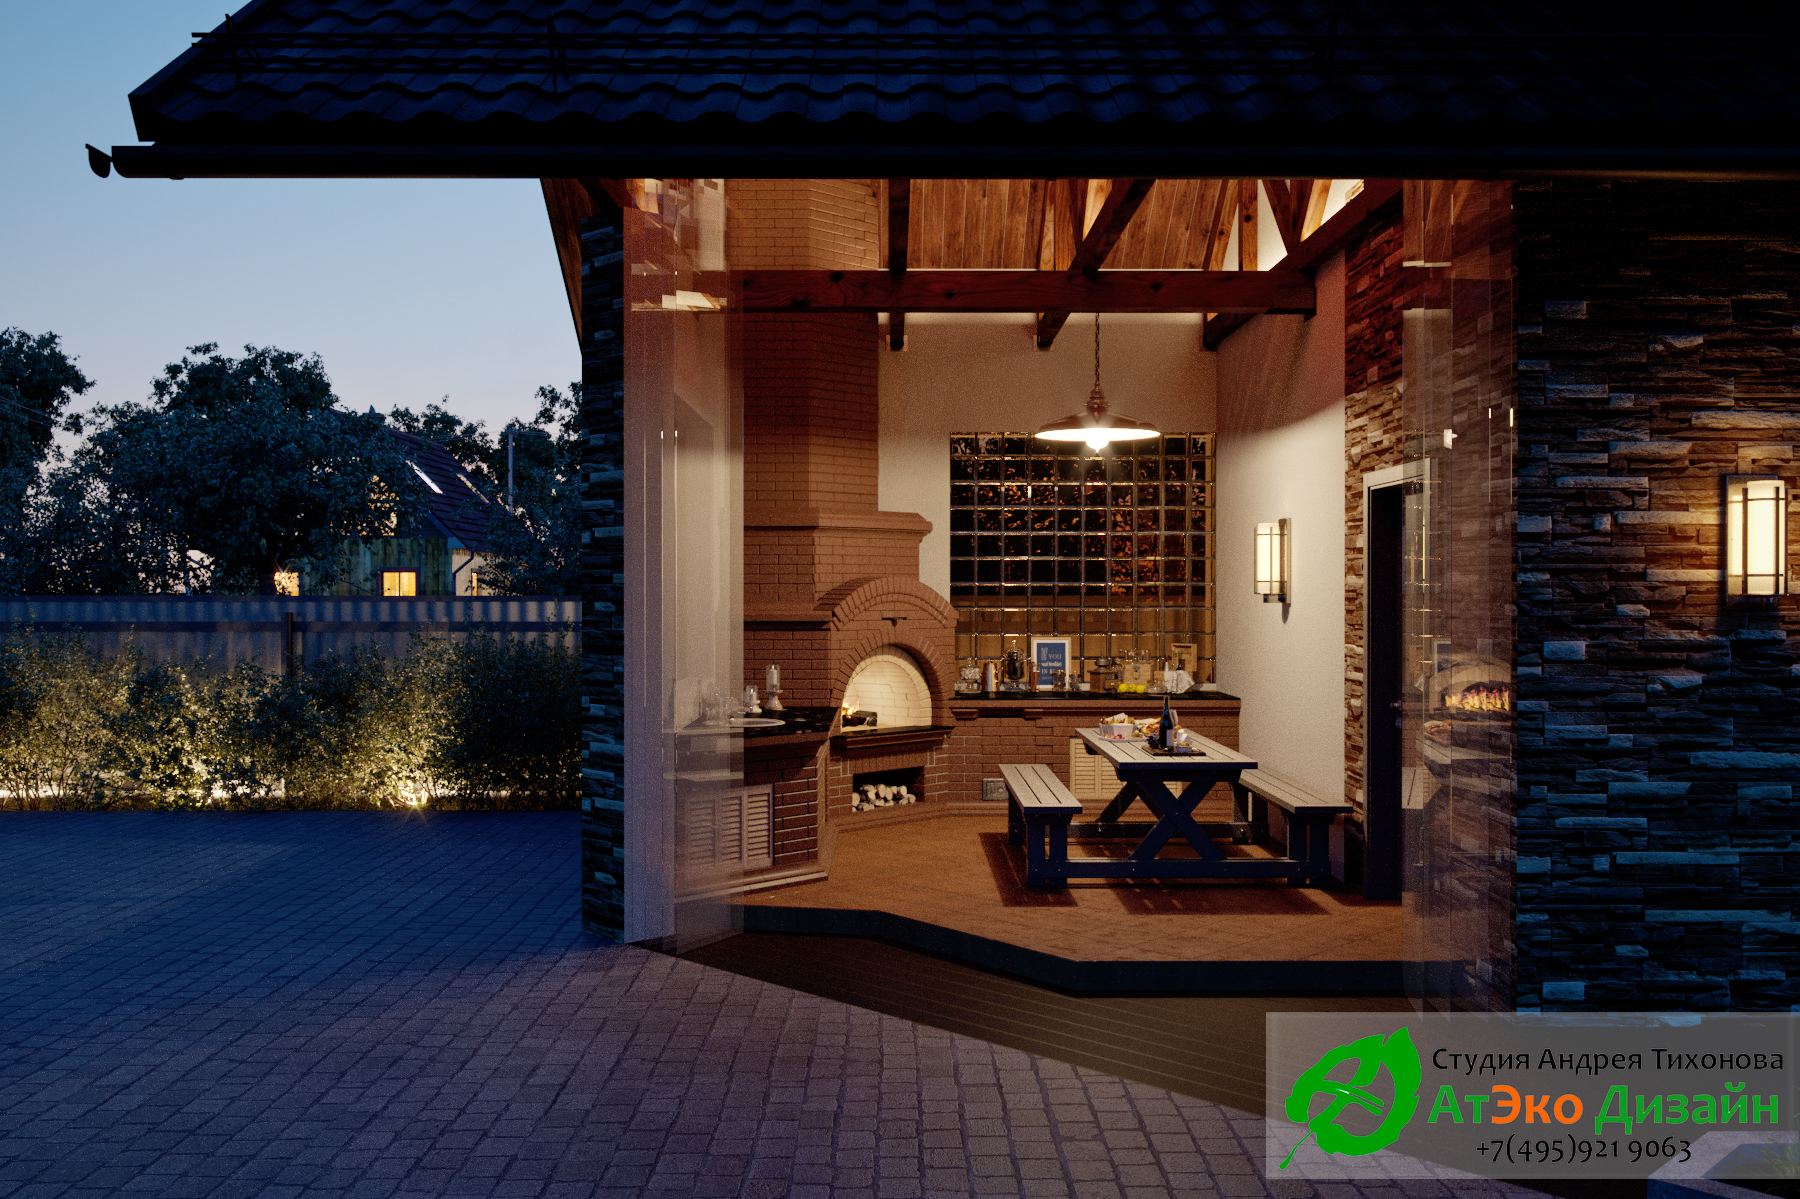 Фото дизайна мангальной гостевого дома